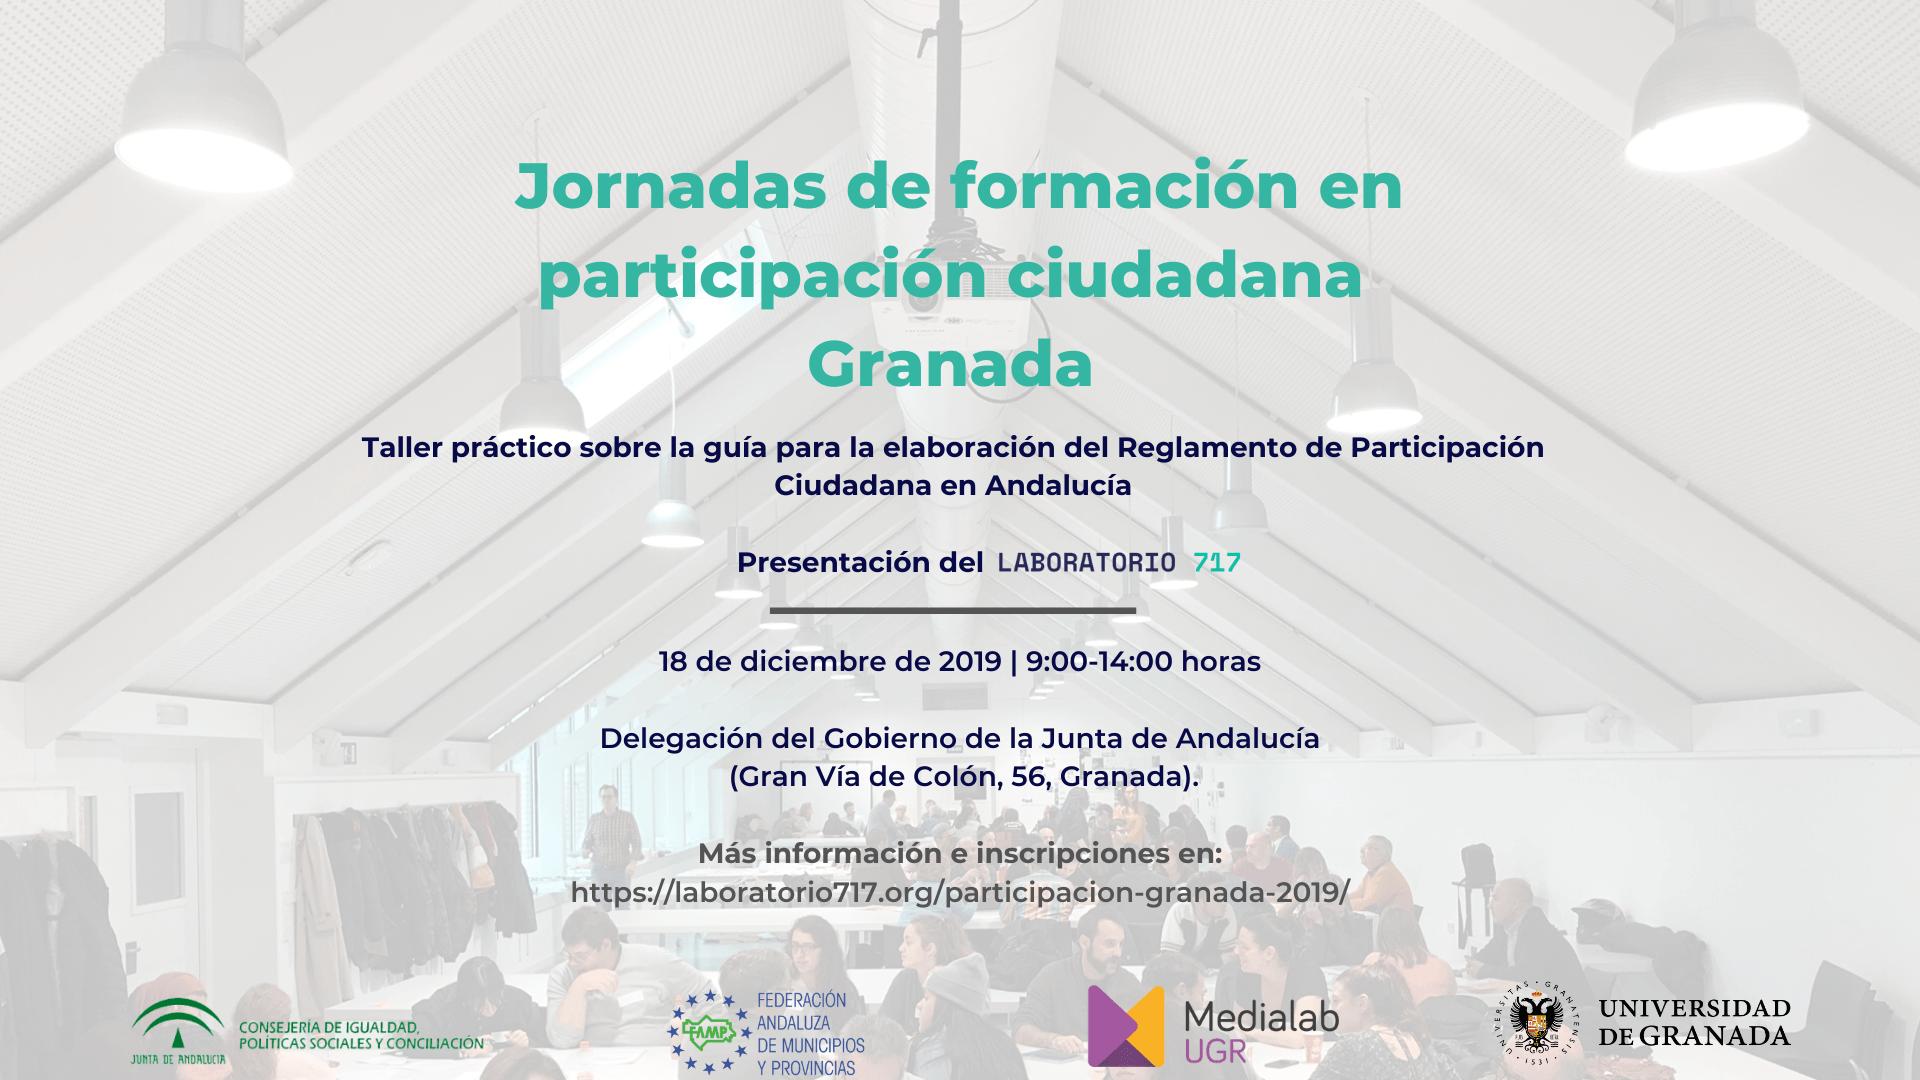 Imagen de la noticia Jornada de formación en participación ciudadana Granada (18 de diciembre de 2019)